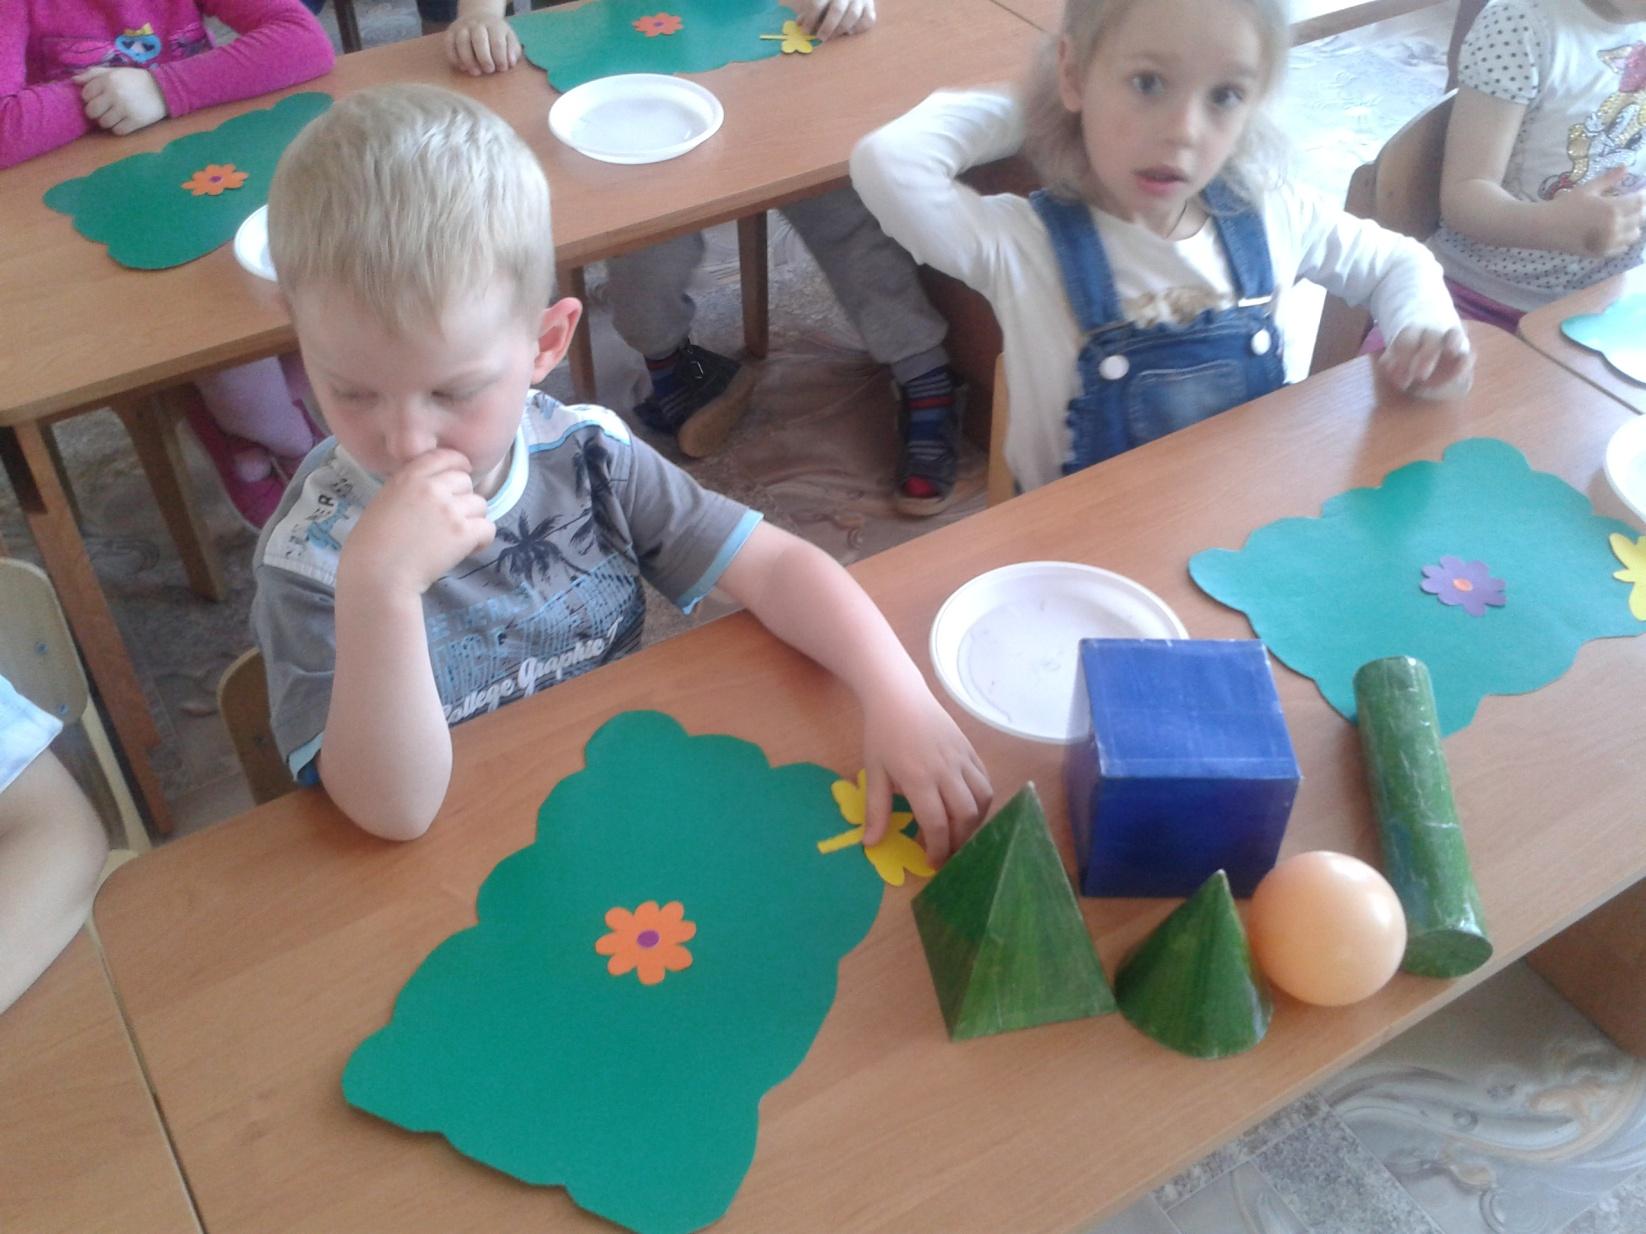 D:\детский сад\Новая папка\2015-05-20 09.51.22.jpg